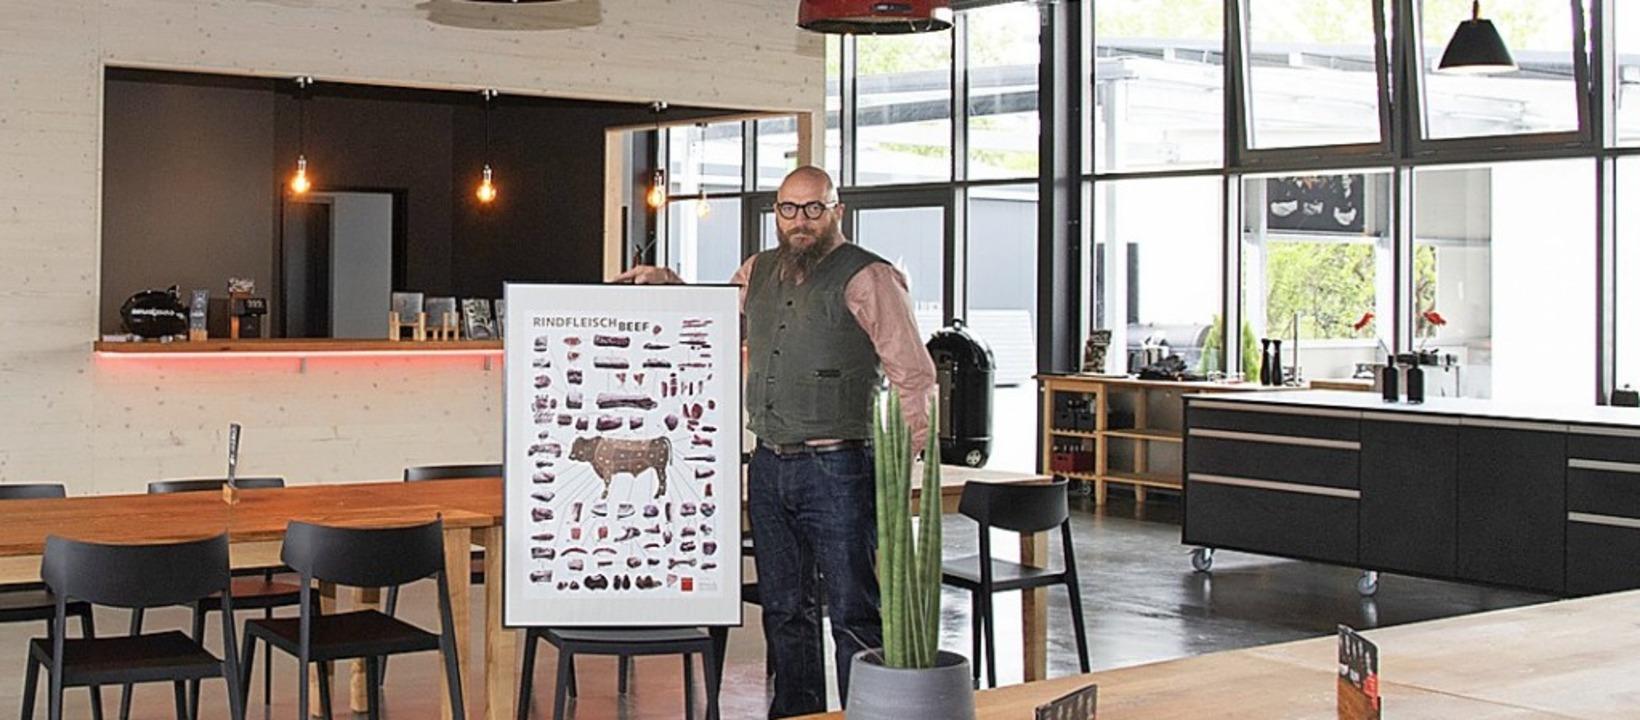 In neuen Räumen setzt Stefano Esposito den Erfolg der Grillakademie fort.    Foto: Volker Münch